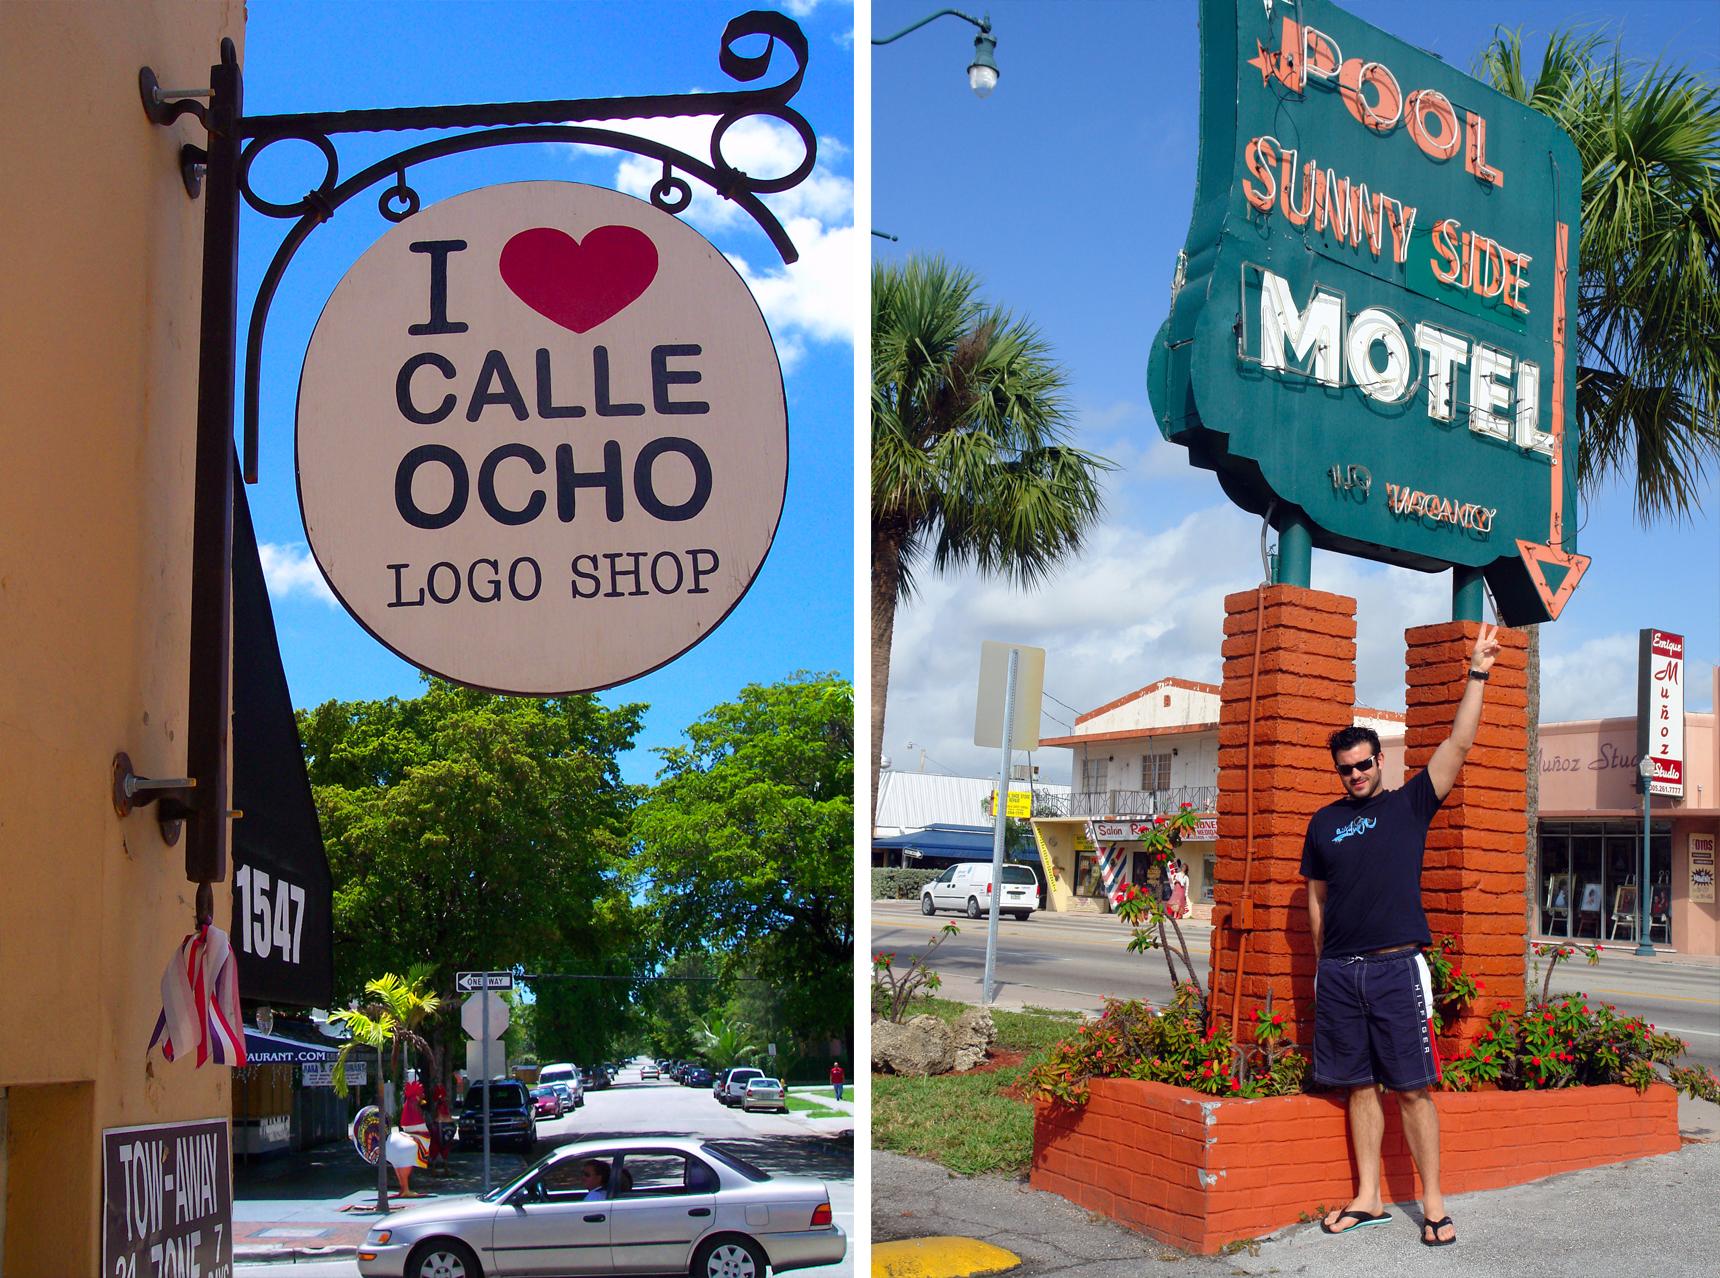 Qué hacer y ver en Miami, Florida Qué hacer y ver en Miami Qué hacer y ver en Miami 31266256661 5882b99423 o